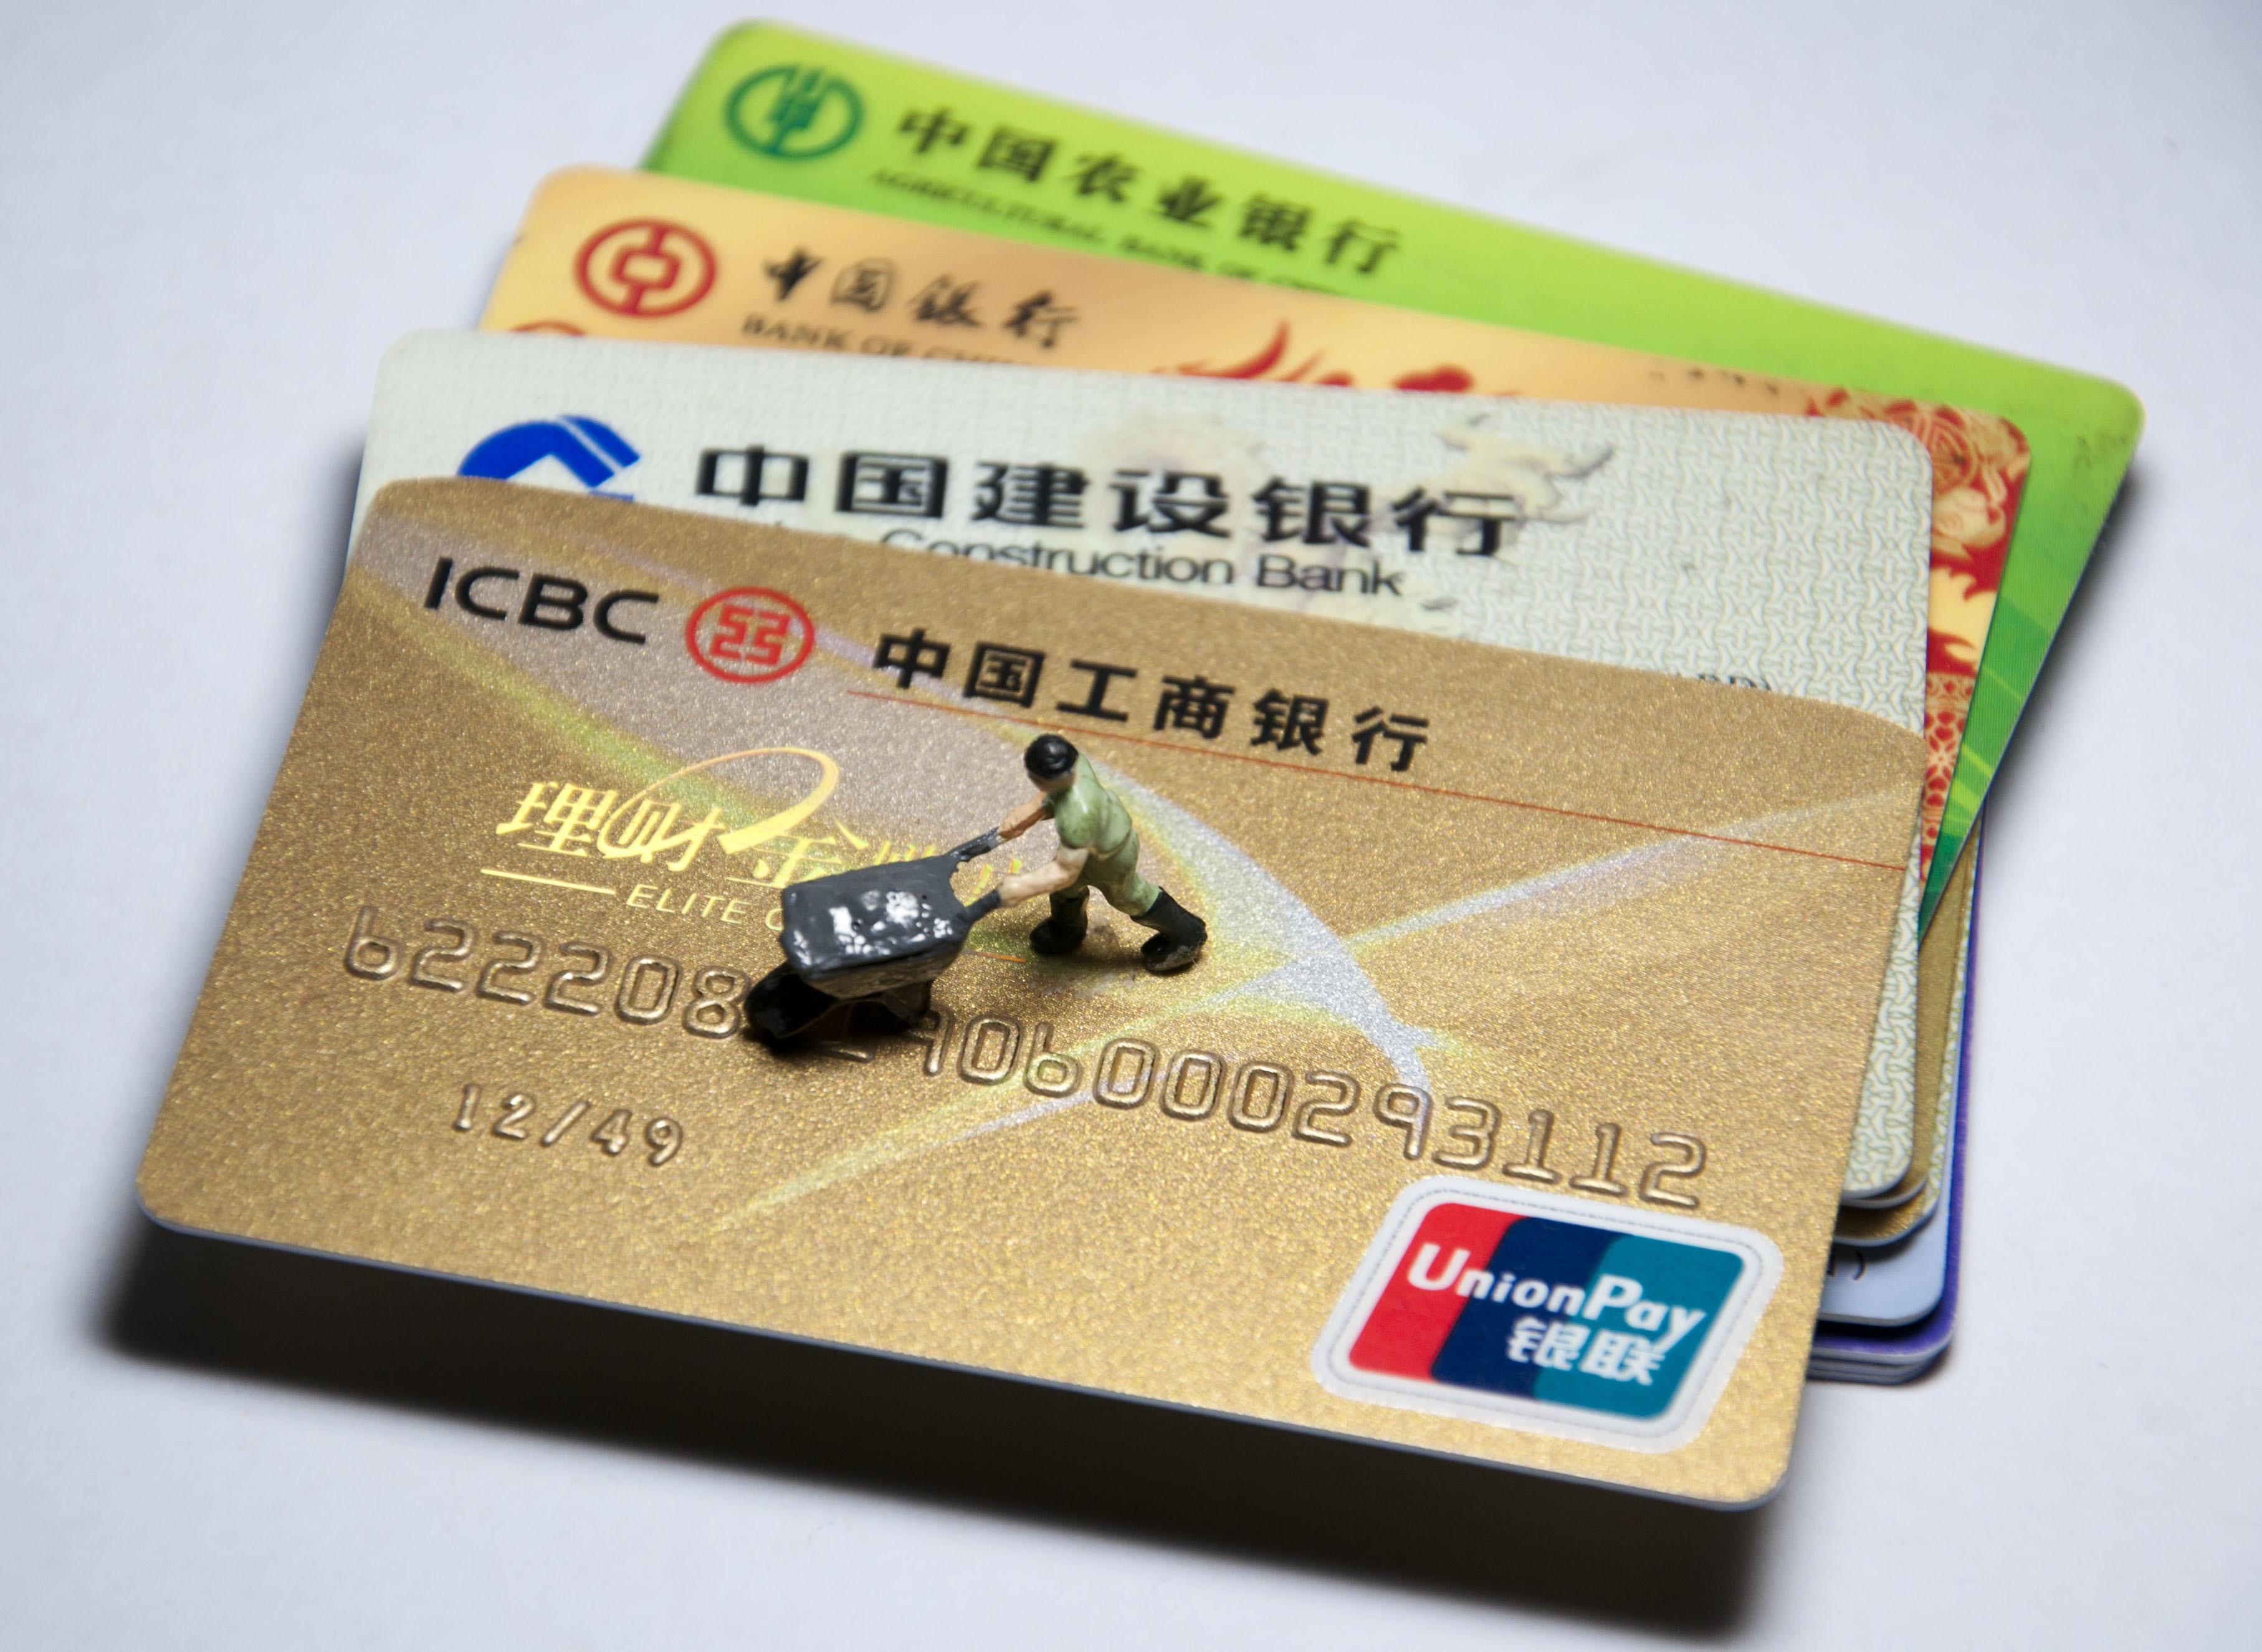 申卡秒过,下卡额度5万,兴业这张信用卡绝了!